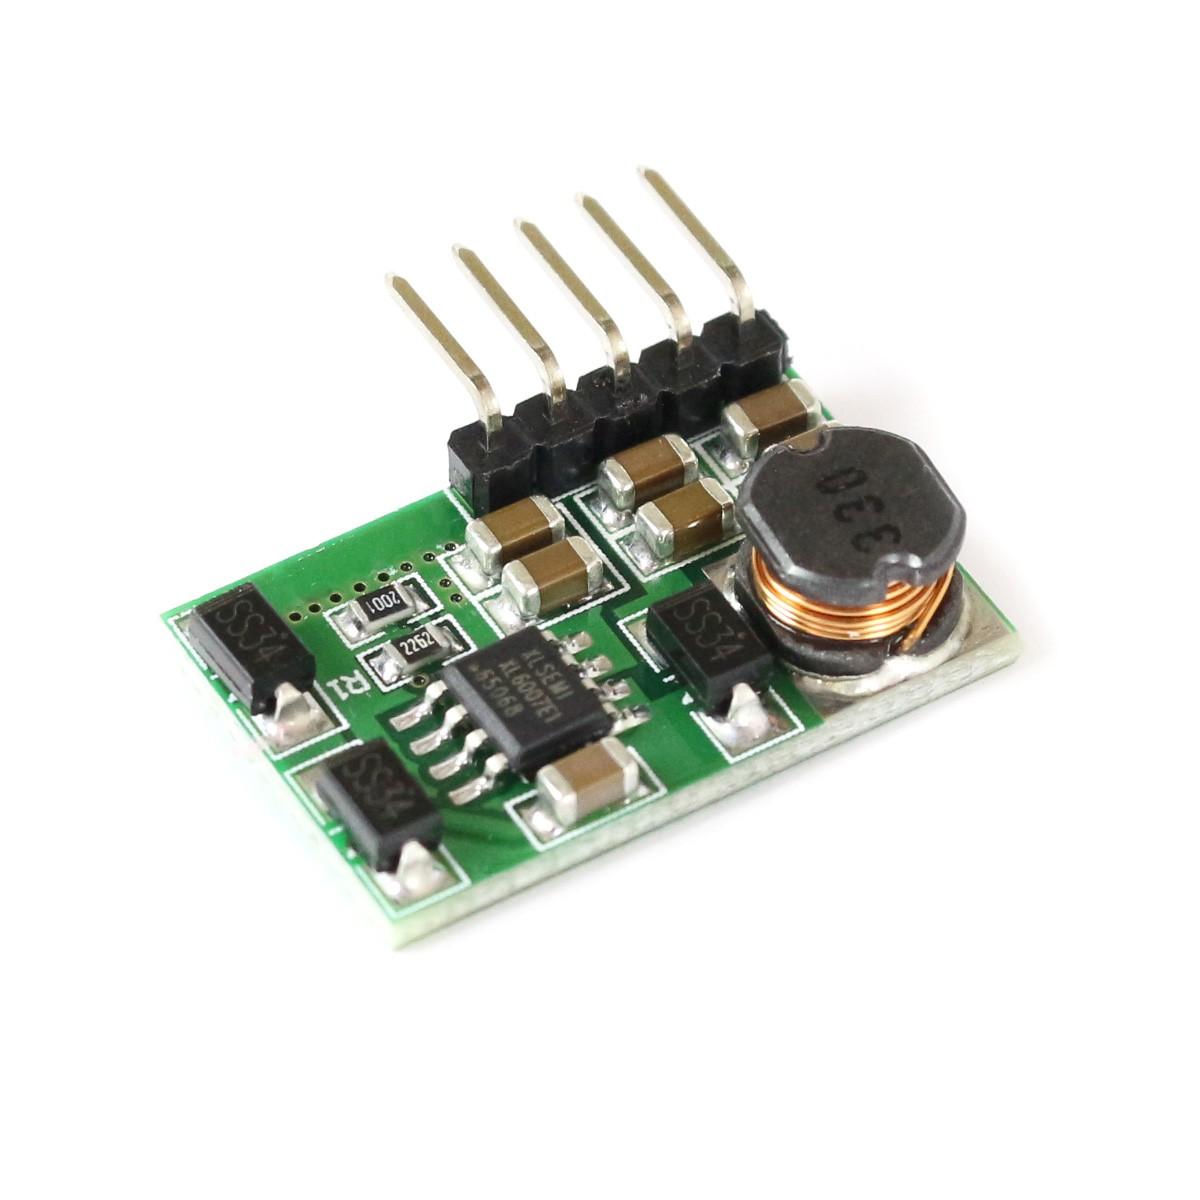 Module Adaptateur Convertisseur de Tension 3.3-13VDC vers +/-15VDC